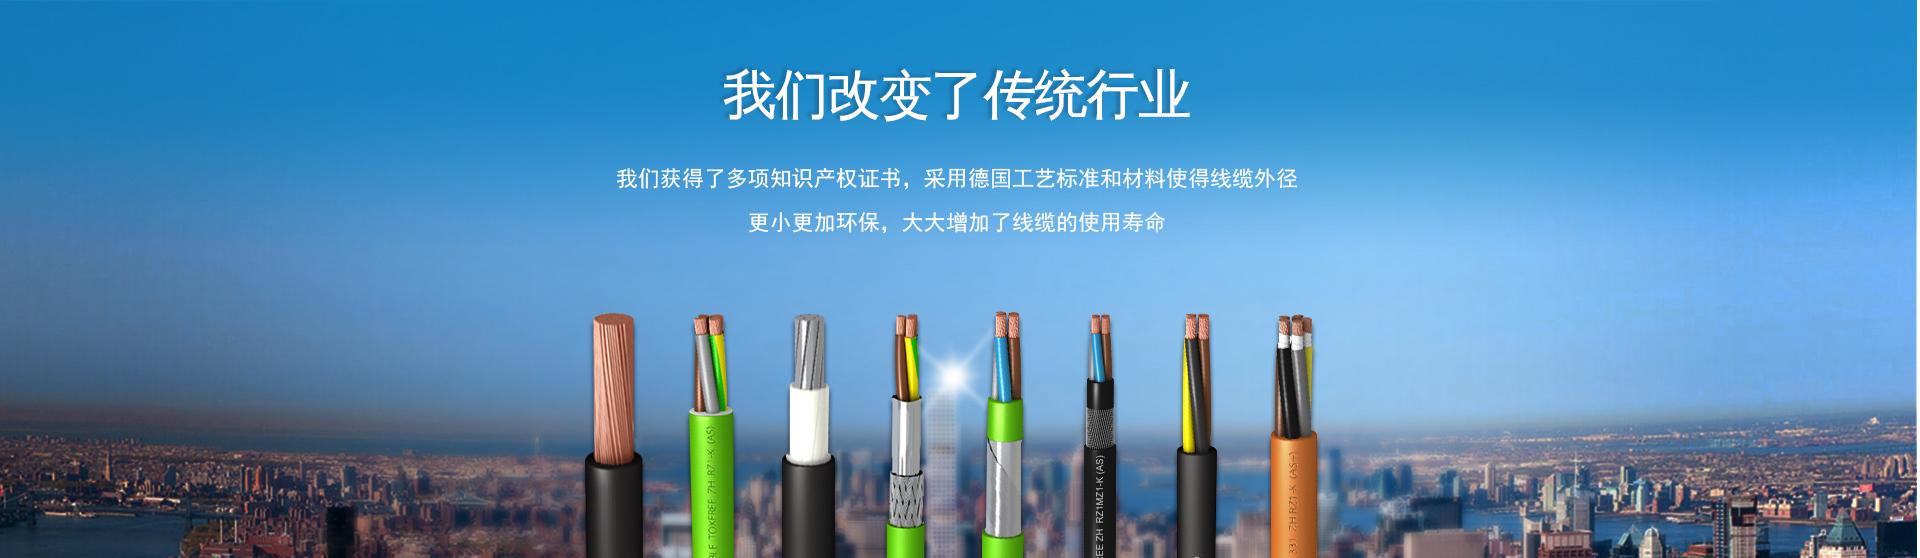 泓普電纜(上海)有限公司公司介紹